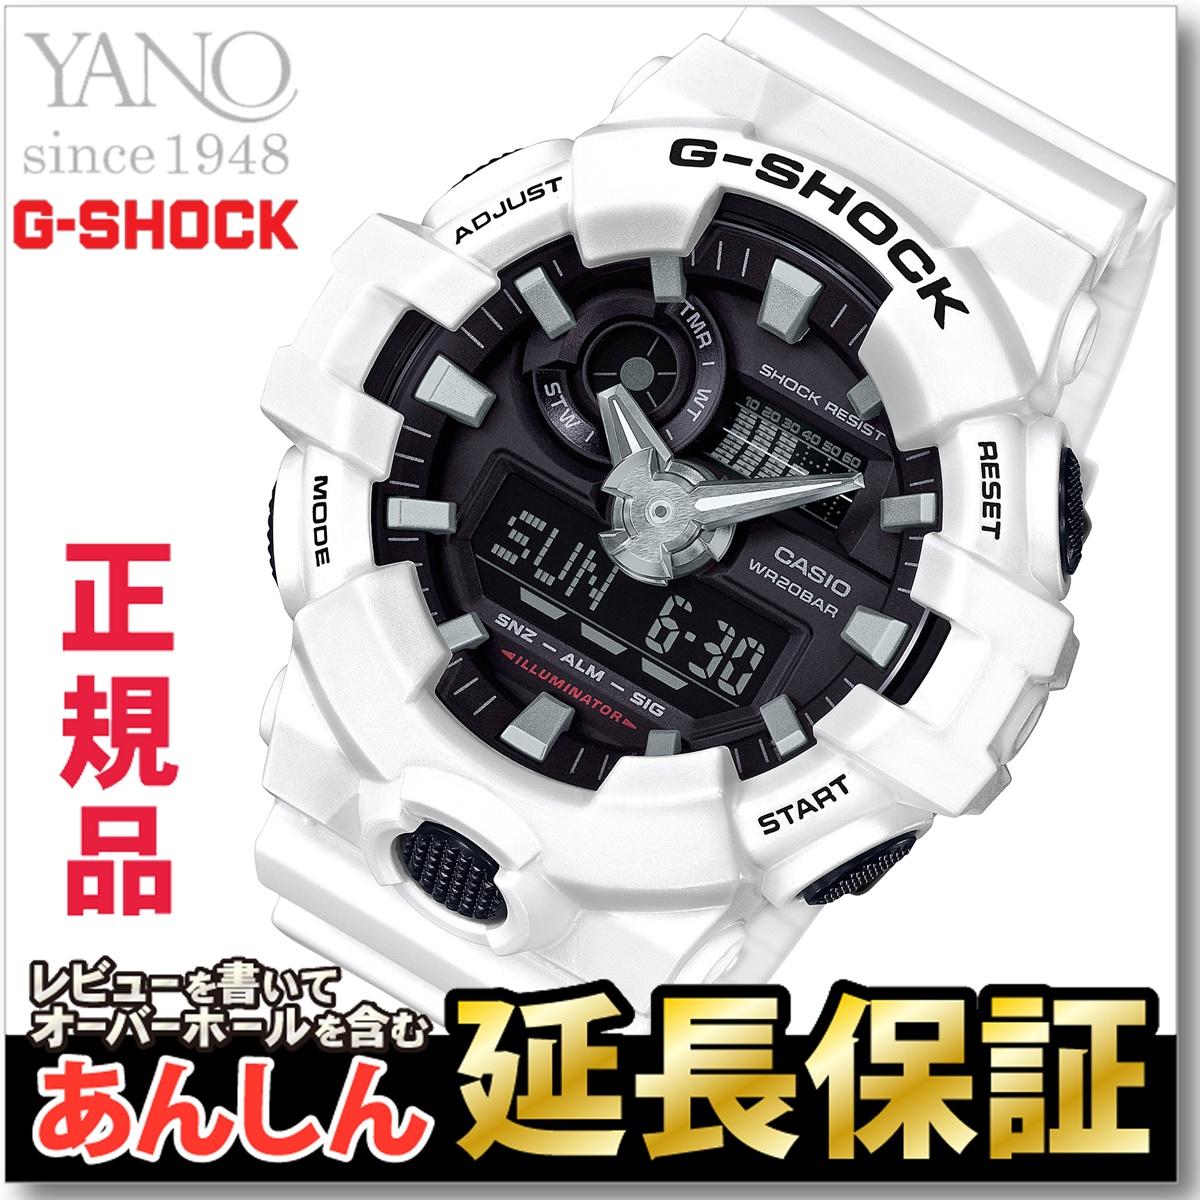 カシオ Gショック GA-700-7AJF メンズ 腕時計 アナデジ ホワイト CASIO G-SHOCK【正規品】【0217】【店頭受取対応商品】